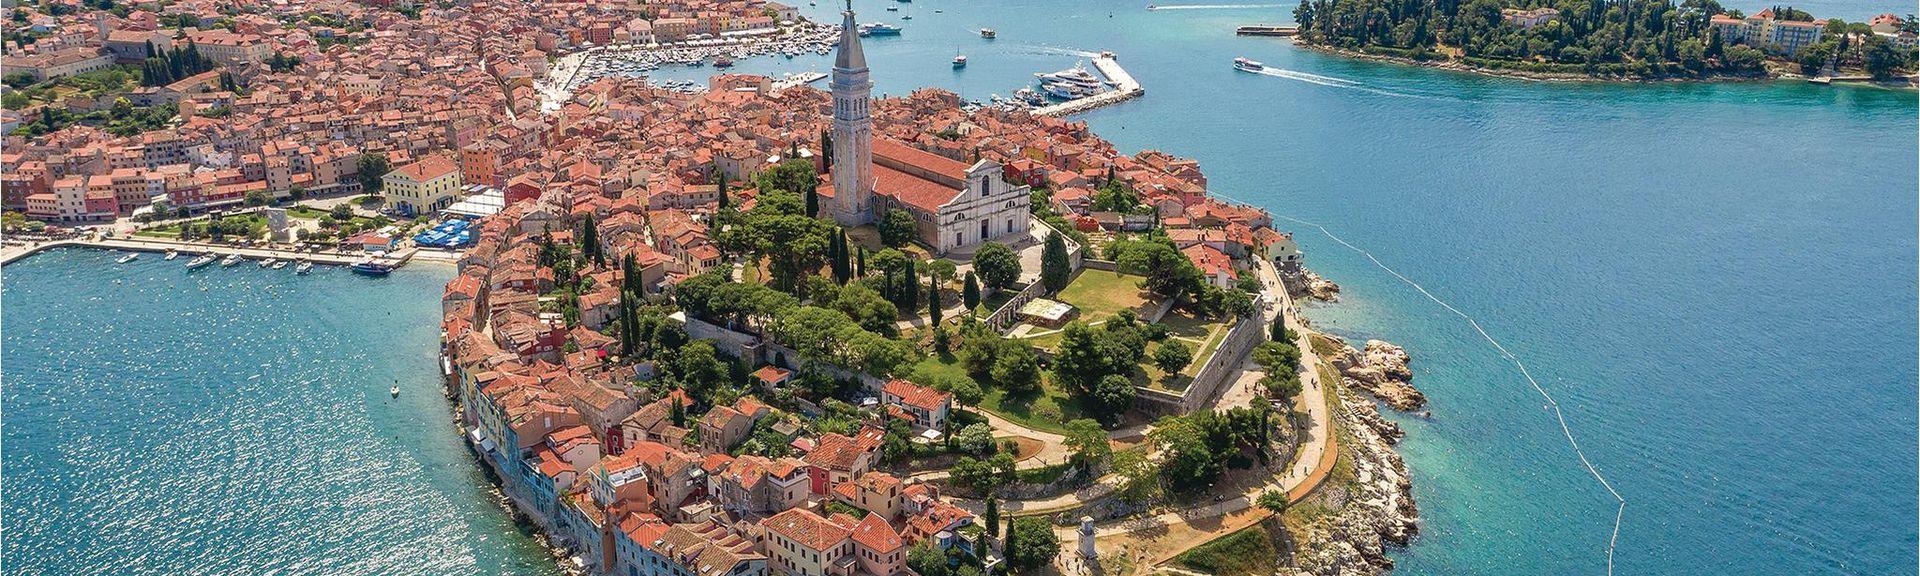 Ježenj, Pisino, Regione istriana, Croazia